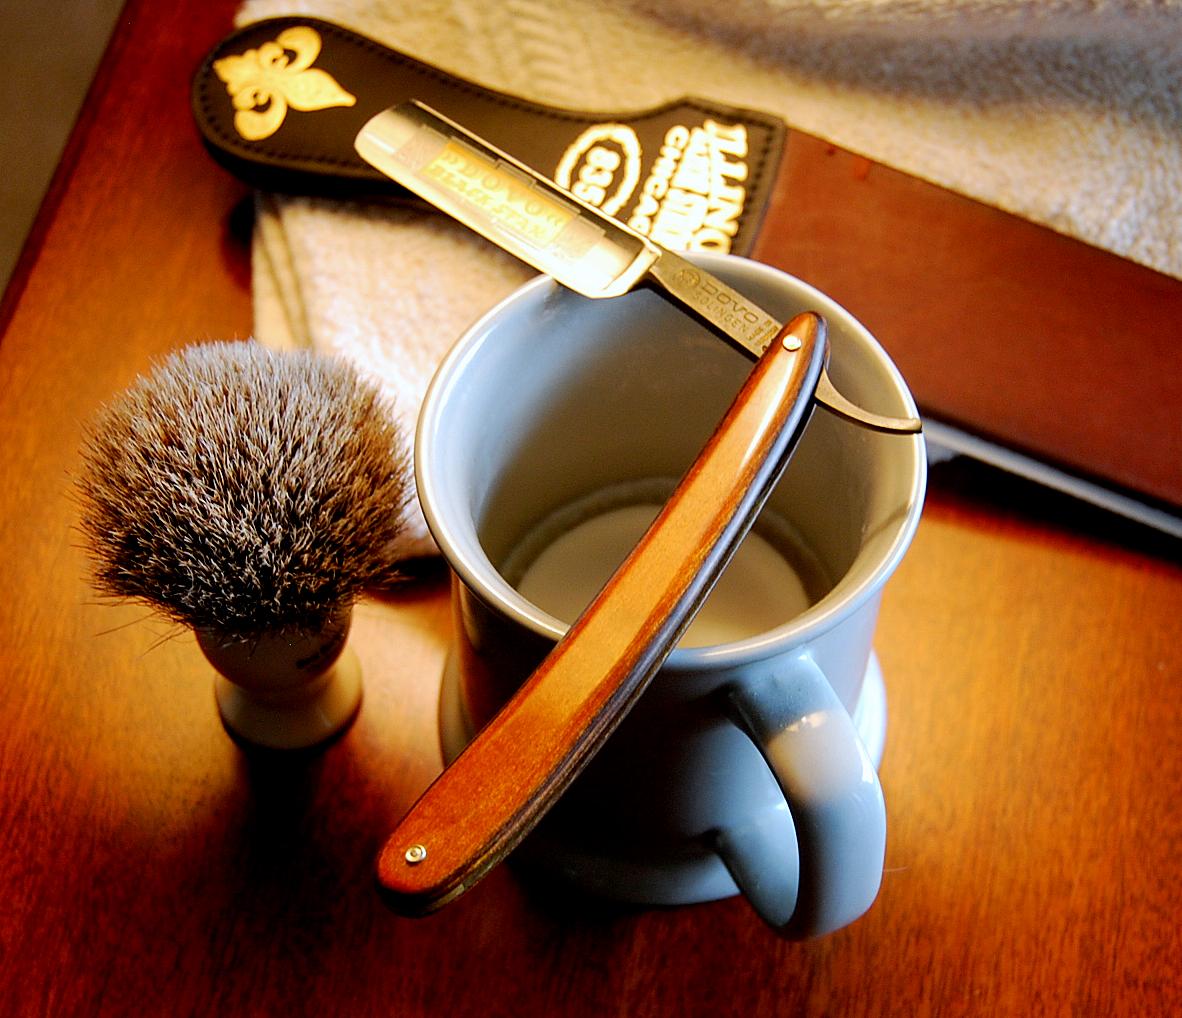 soin-technique-bon-rasage-bon-rasoir-barbe-moustache-pilou-pilou-4